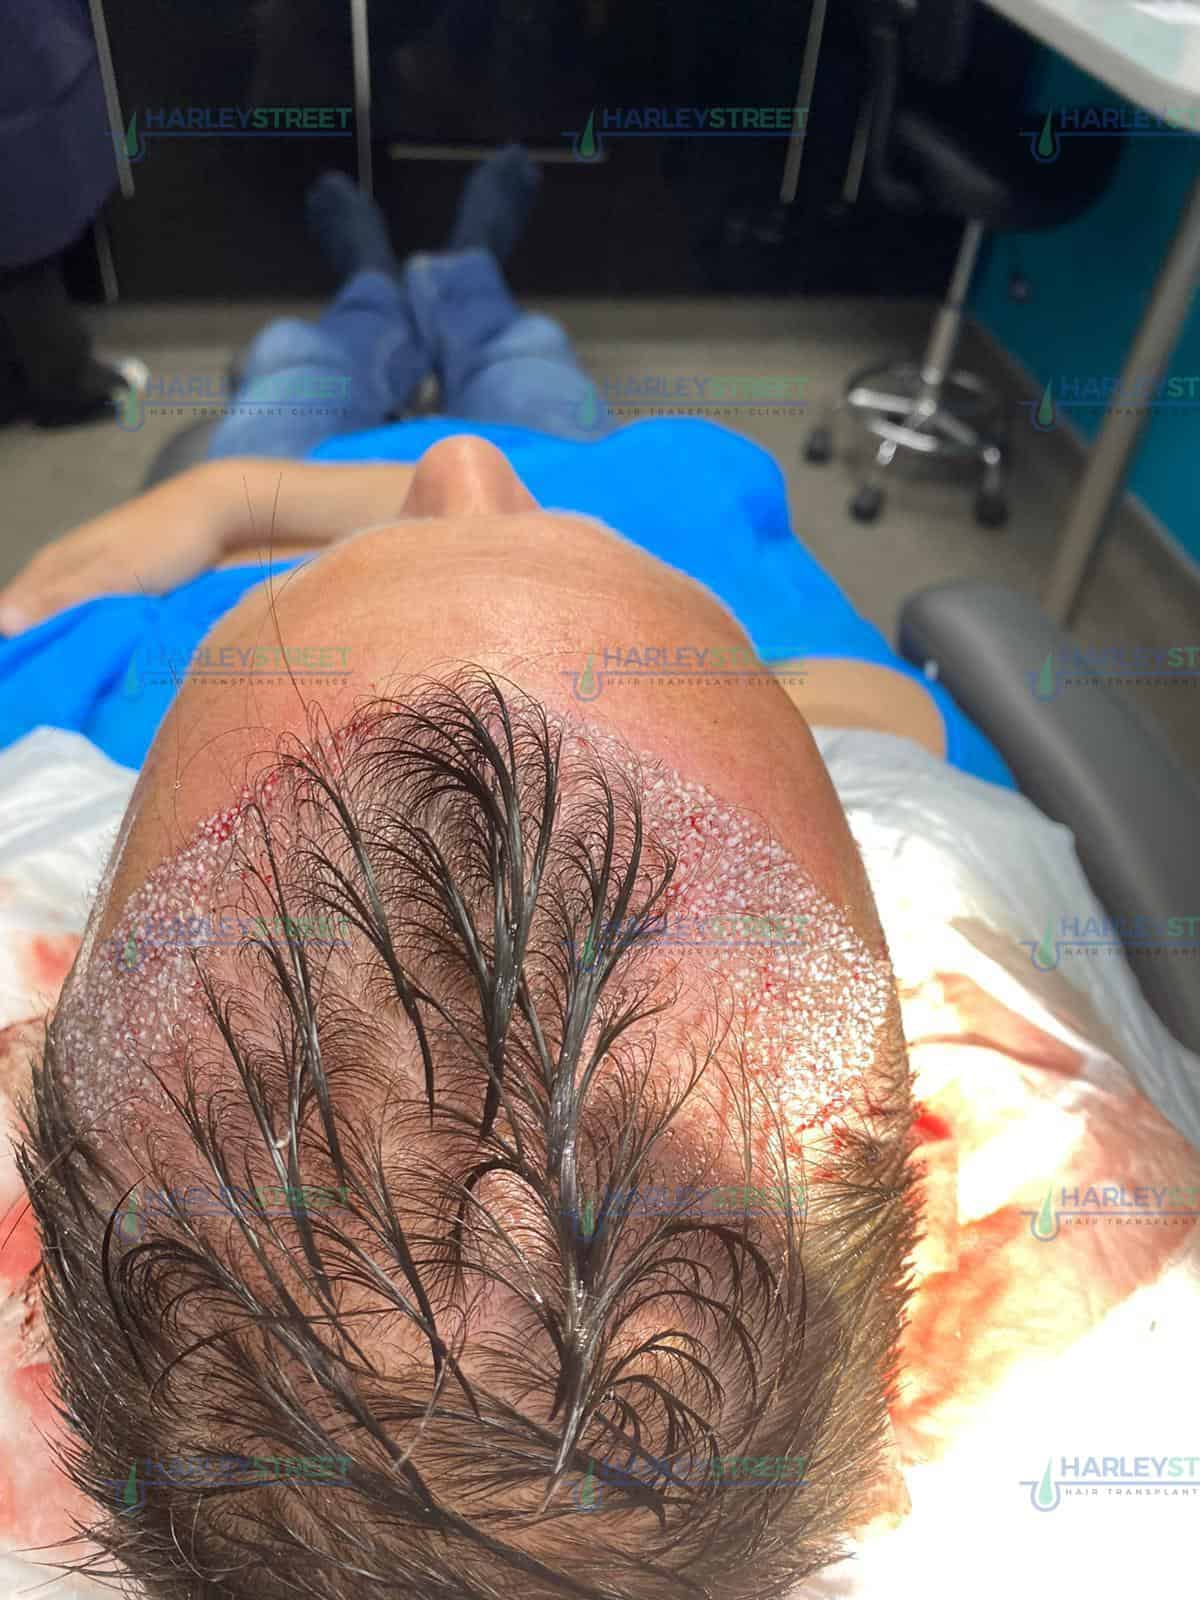 Harley Street Hair Transplant during procedure fue